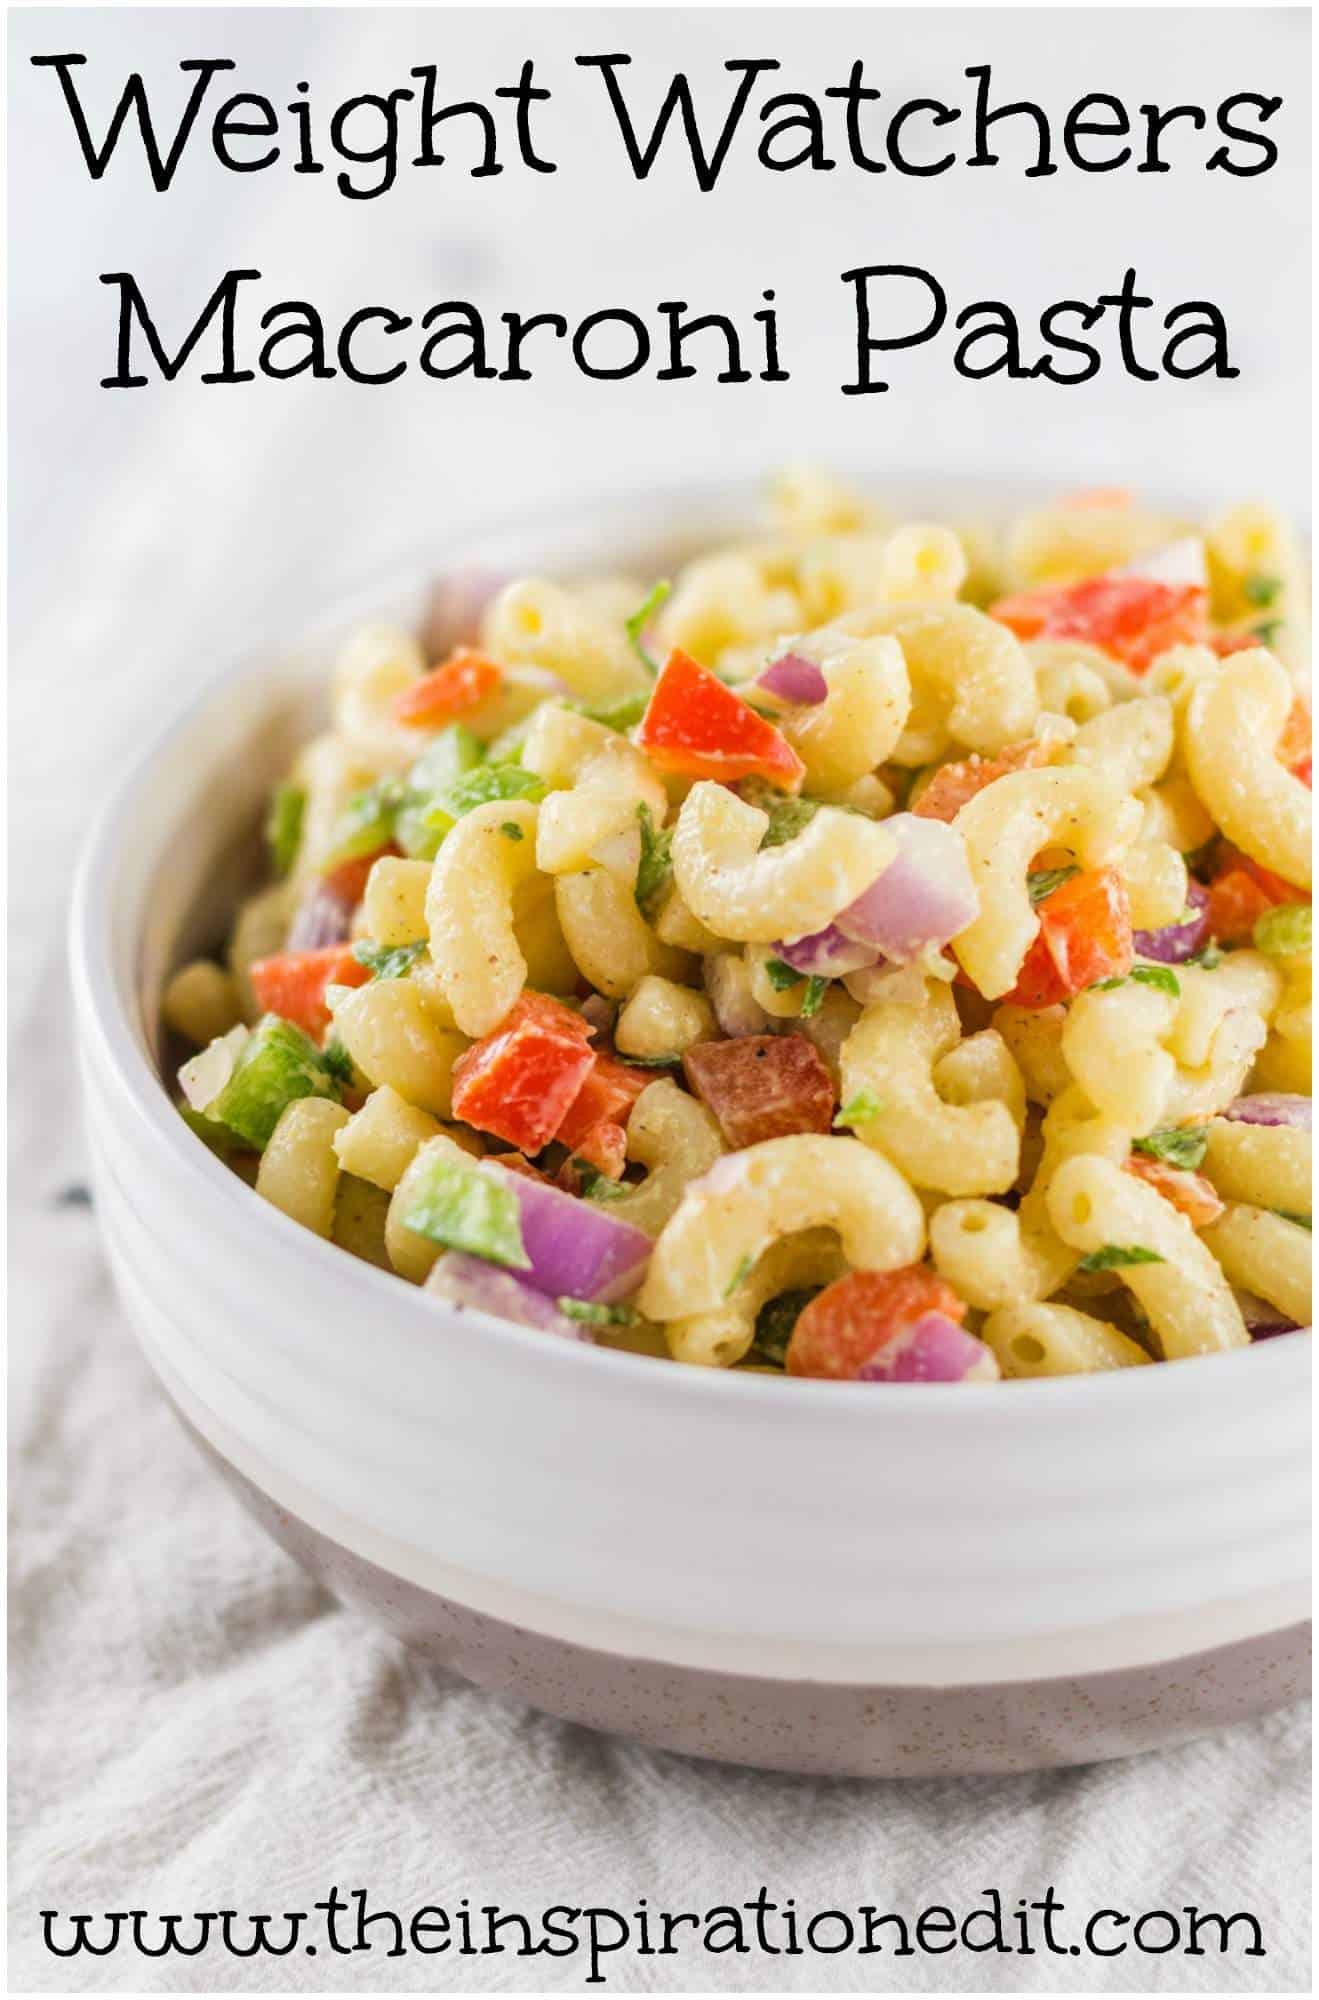 Weight Watchers Macaroni Pasta recipe